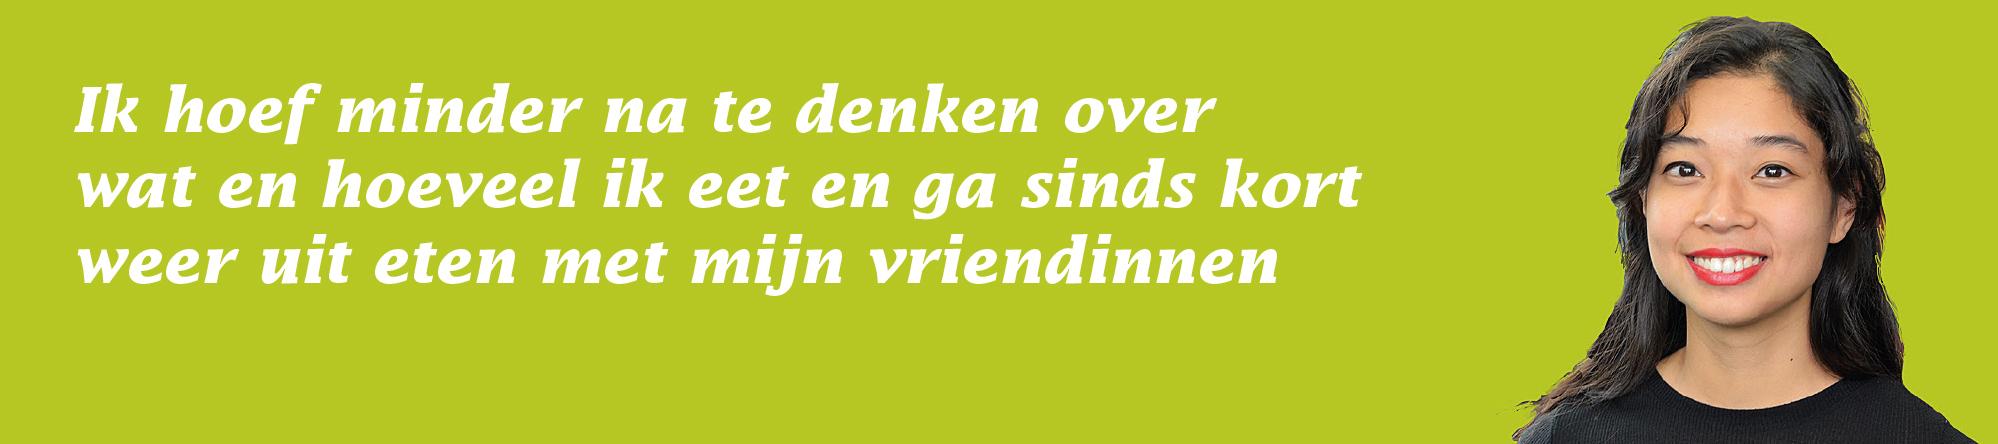 http://de-dietist.nl/wp-content/uploads/2016/09/de-dietist-quote-sam.jpg